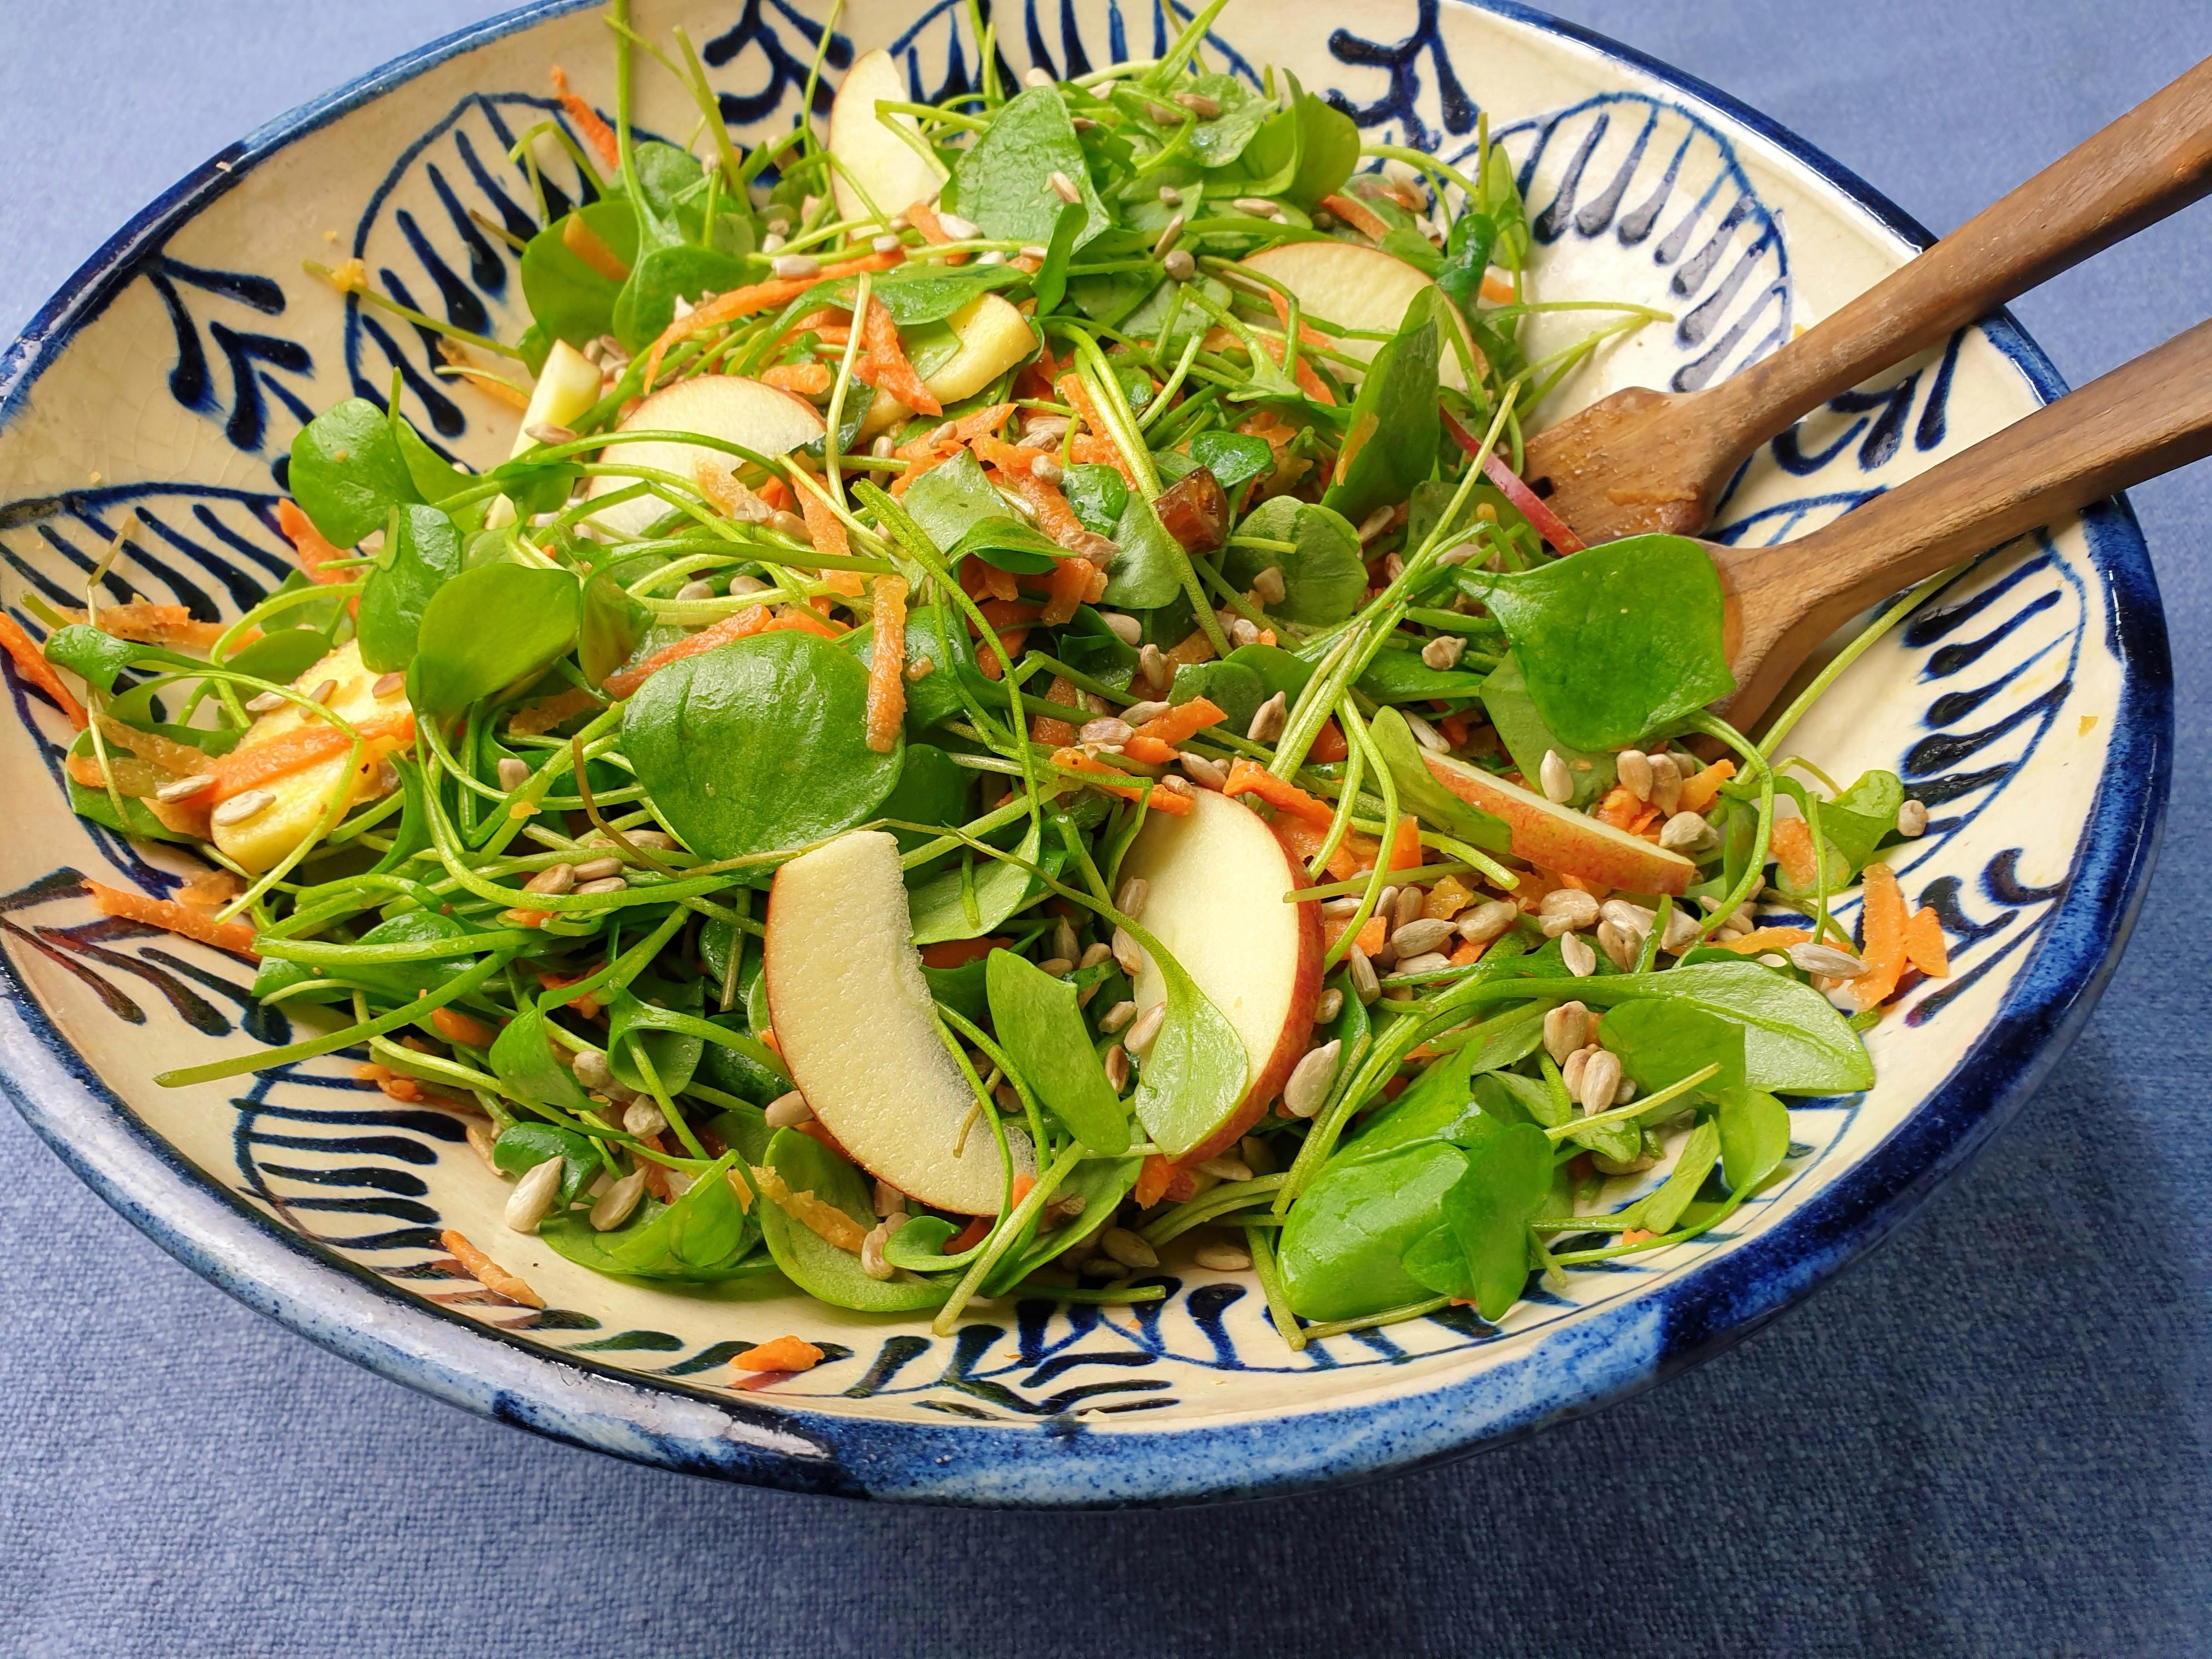 Uitgelichte foto voor het bericht Winterpostelein salade met wortel en dadels